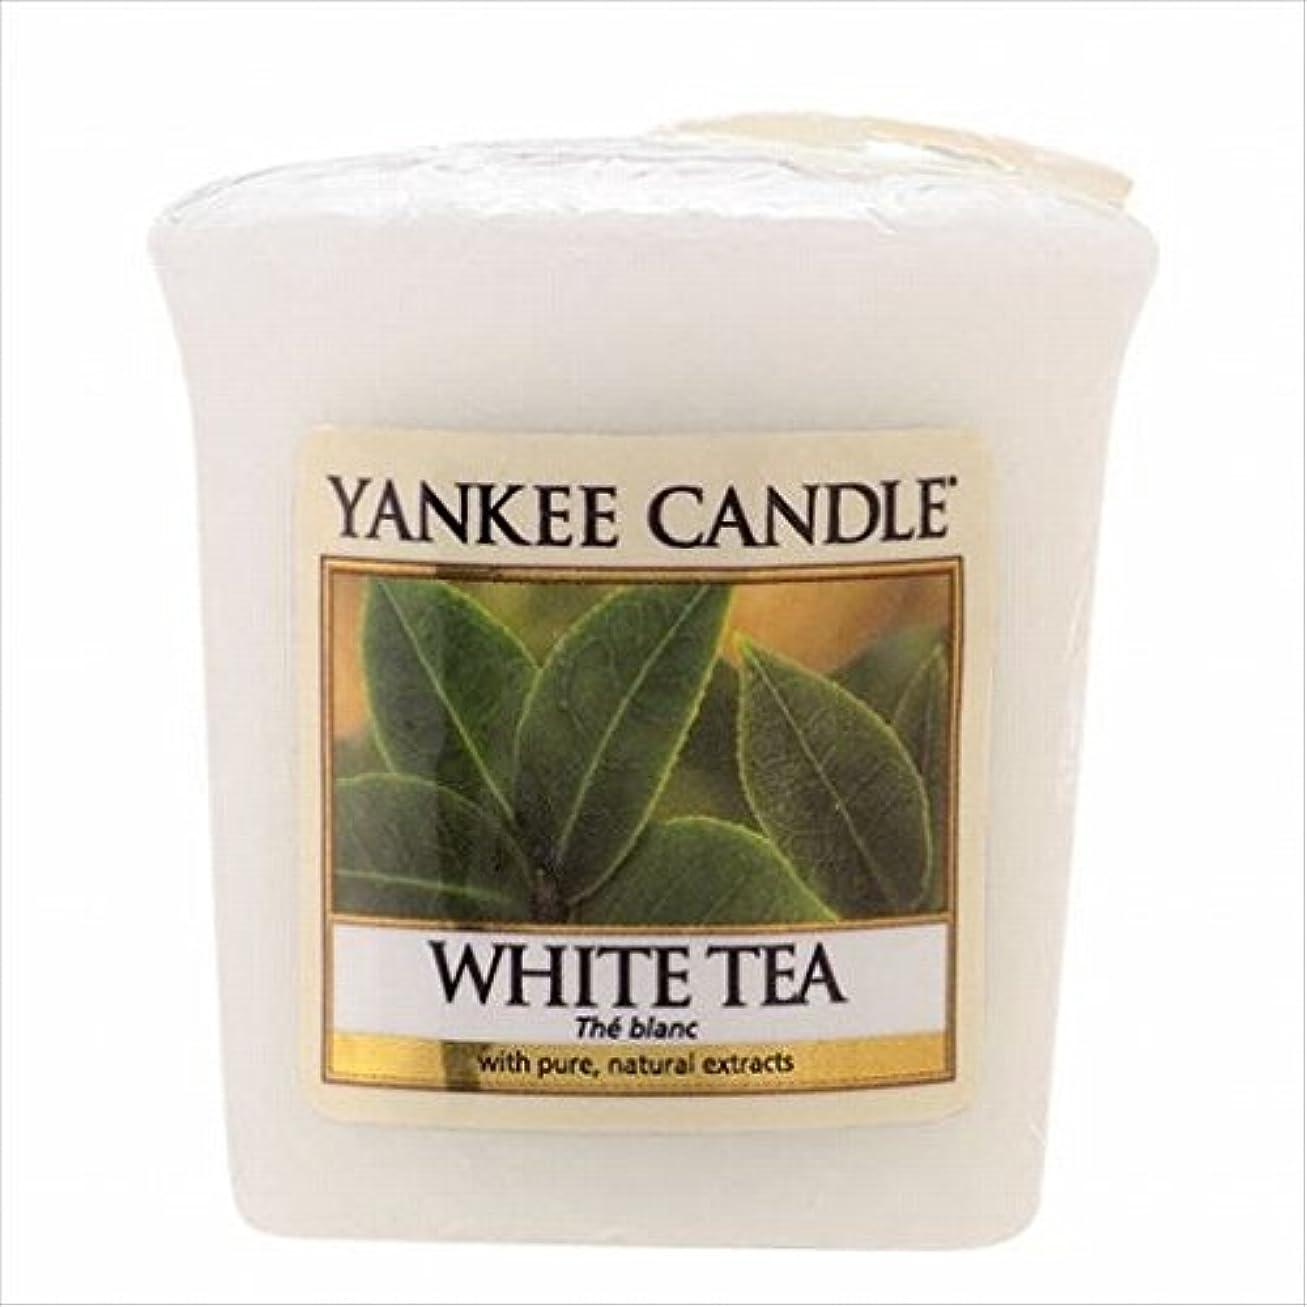 パスペンスいろいろYANKEE CANDLE(ヤンキーキャンドル) YANKEE CANDLE サンプラー 「 ホワイトティー 」6個セット(K00105277)